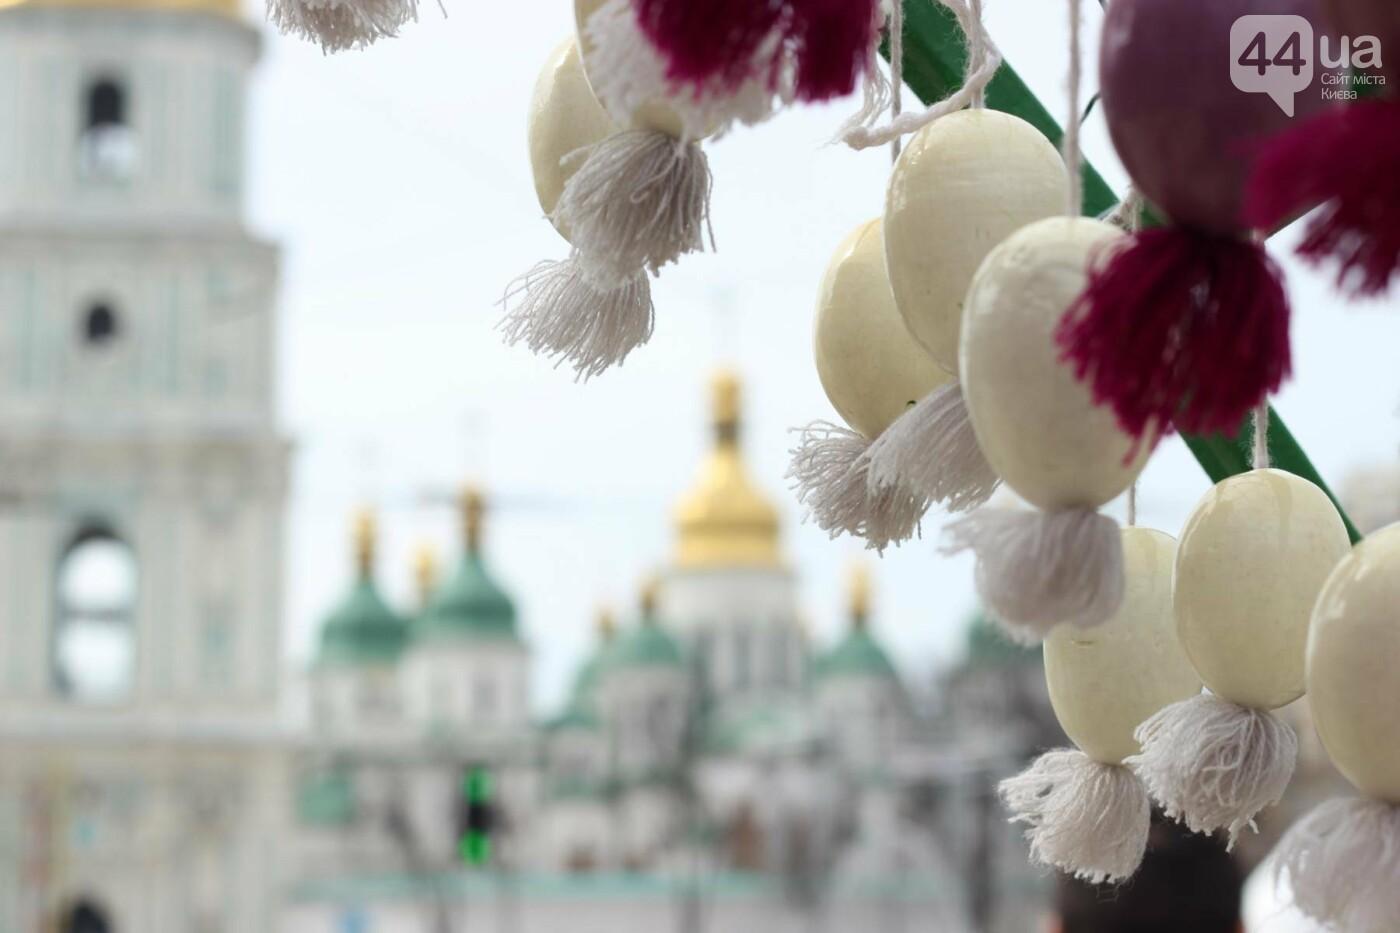 Писанки и кролики: как на Софийской площади проходит Пасхальный фестиваль, фото-22